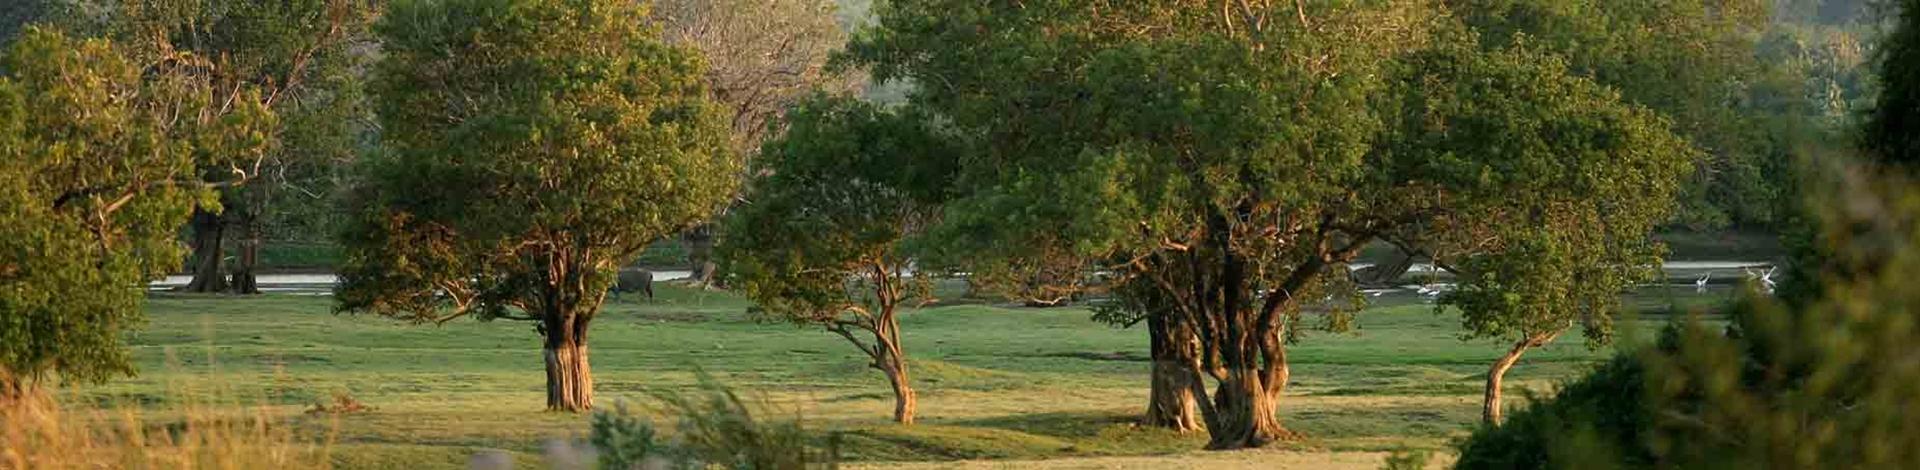 Thoniyagala